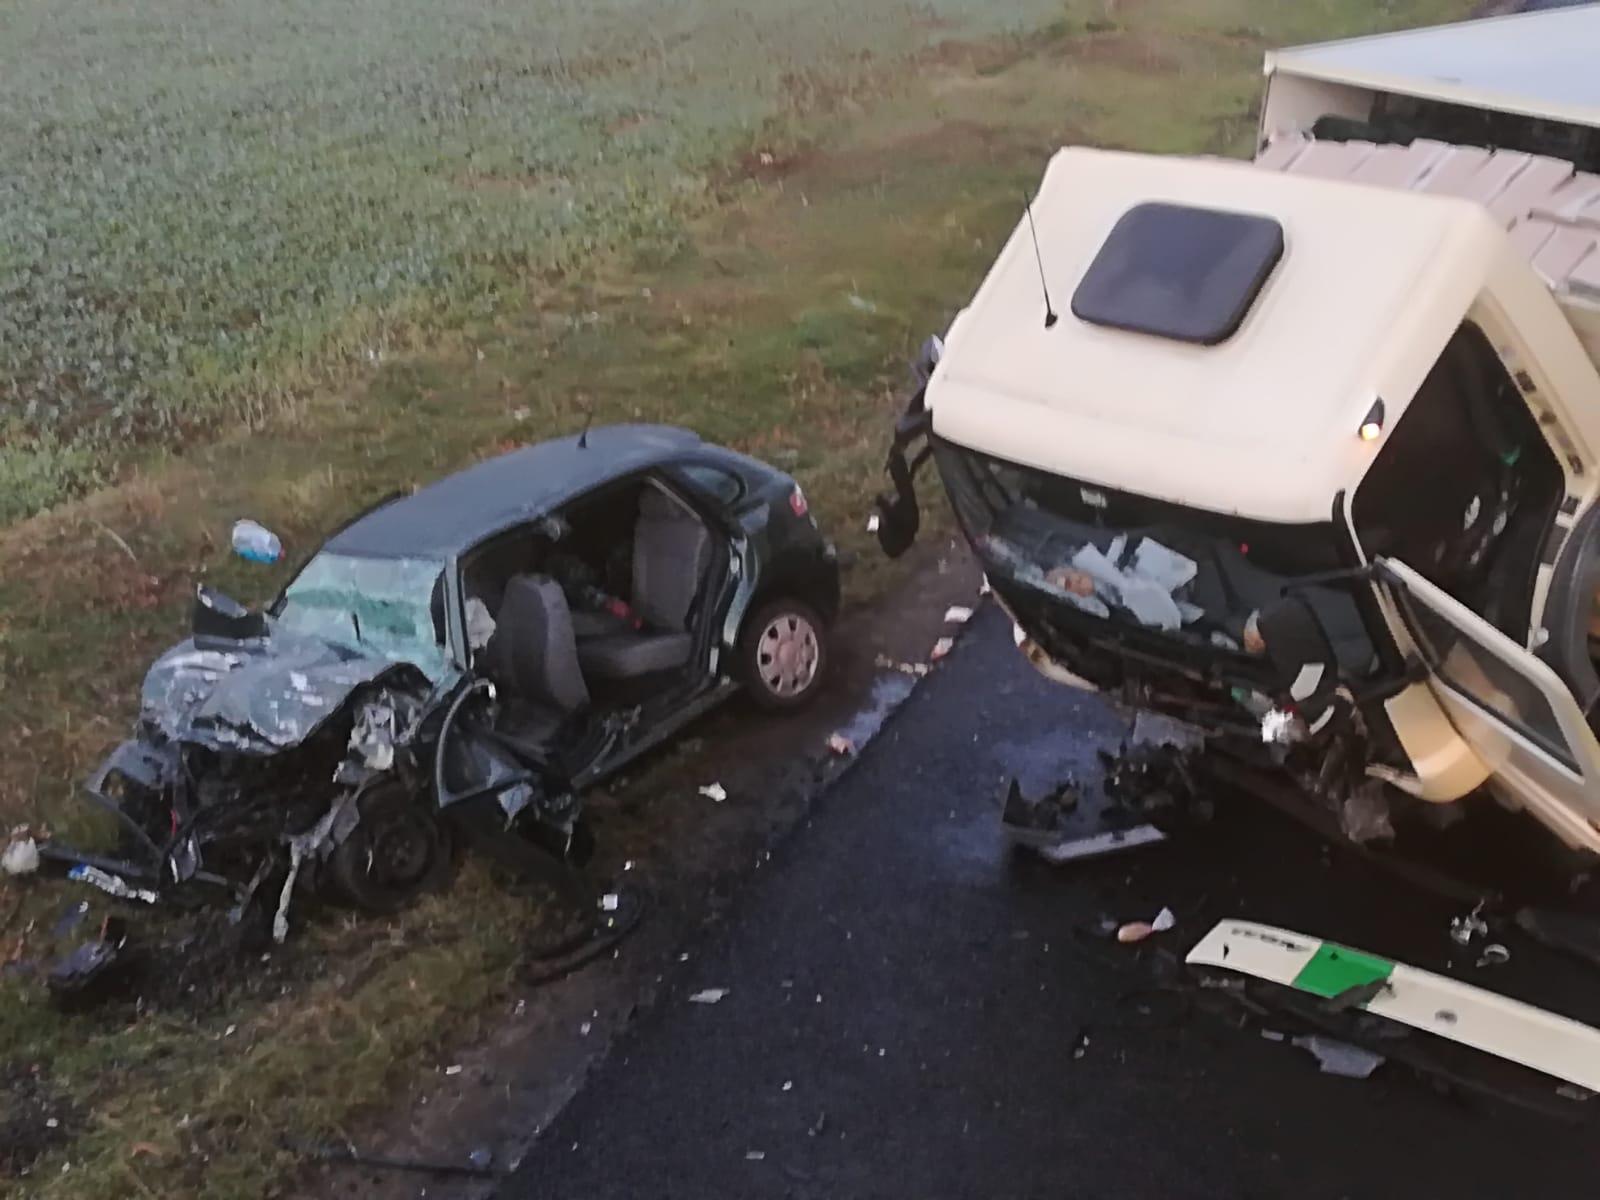 Un șofer și-a pierdut viața pe E85, după ce s-a lovit de un camion